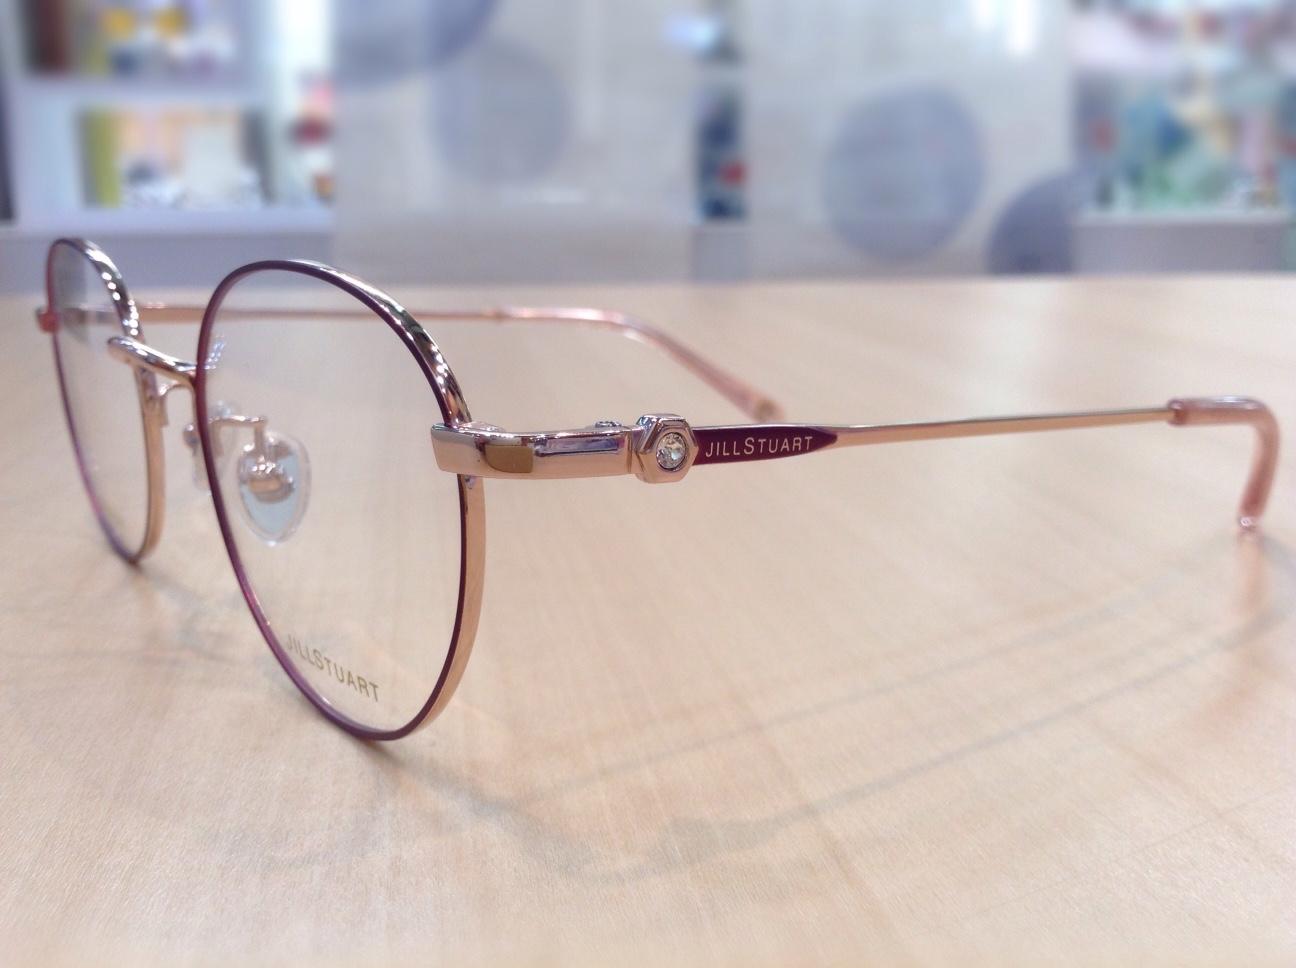 ジルスチュアート 品番:05-3003 カラー:03 レンズサイズ:48ミリ